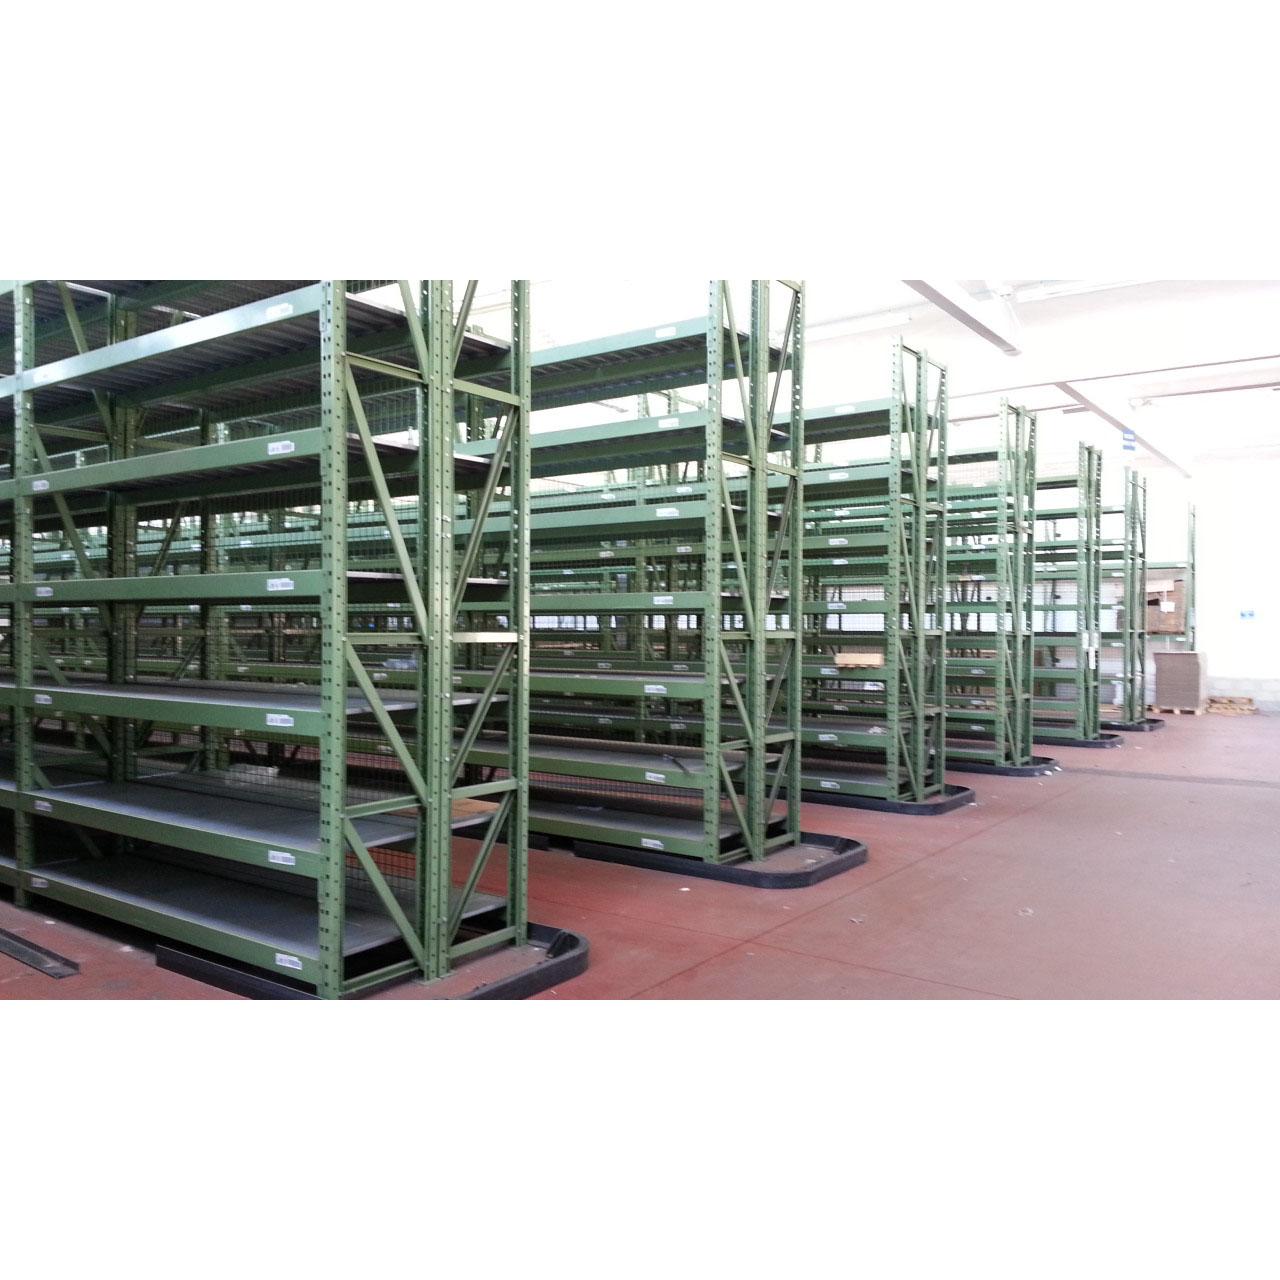 Scaffalature Per Pallets Usate.Scaffalature Industriali Con Ripiani O Porta Pallet E Bancali Pari Al Nuovo